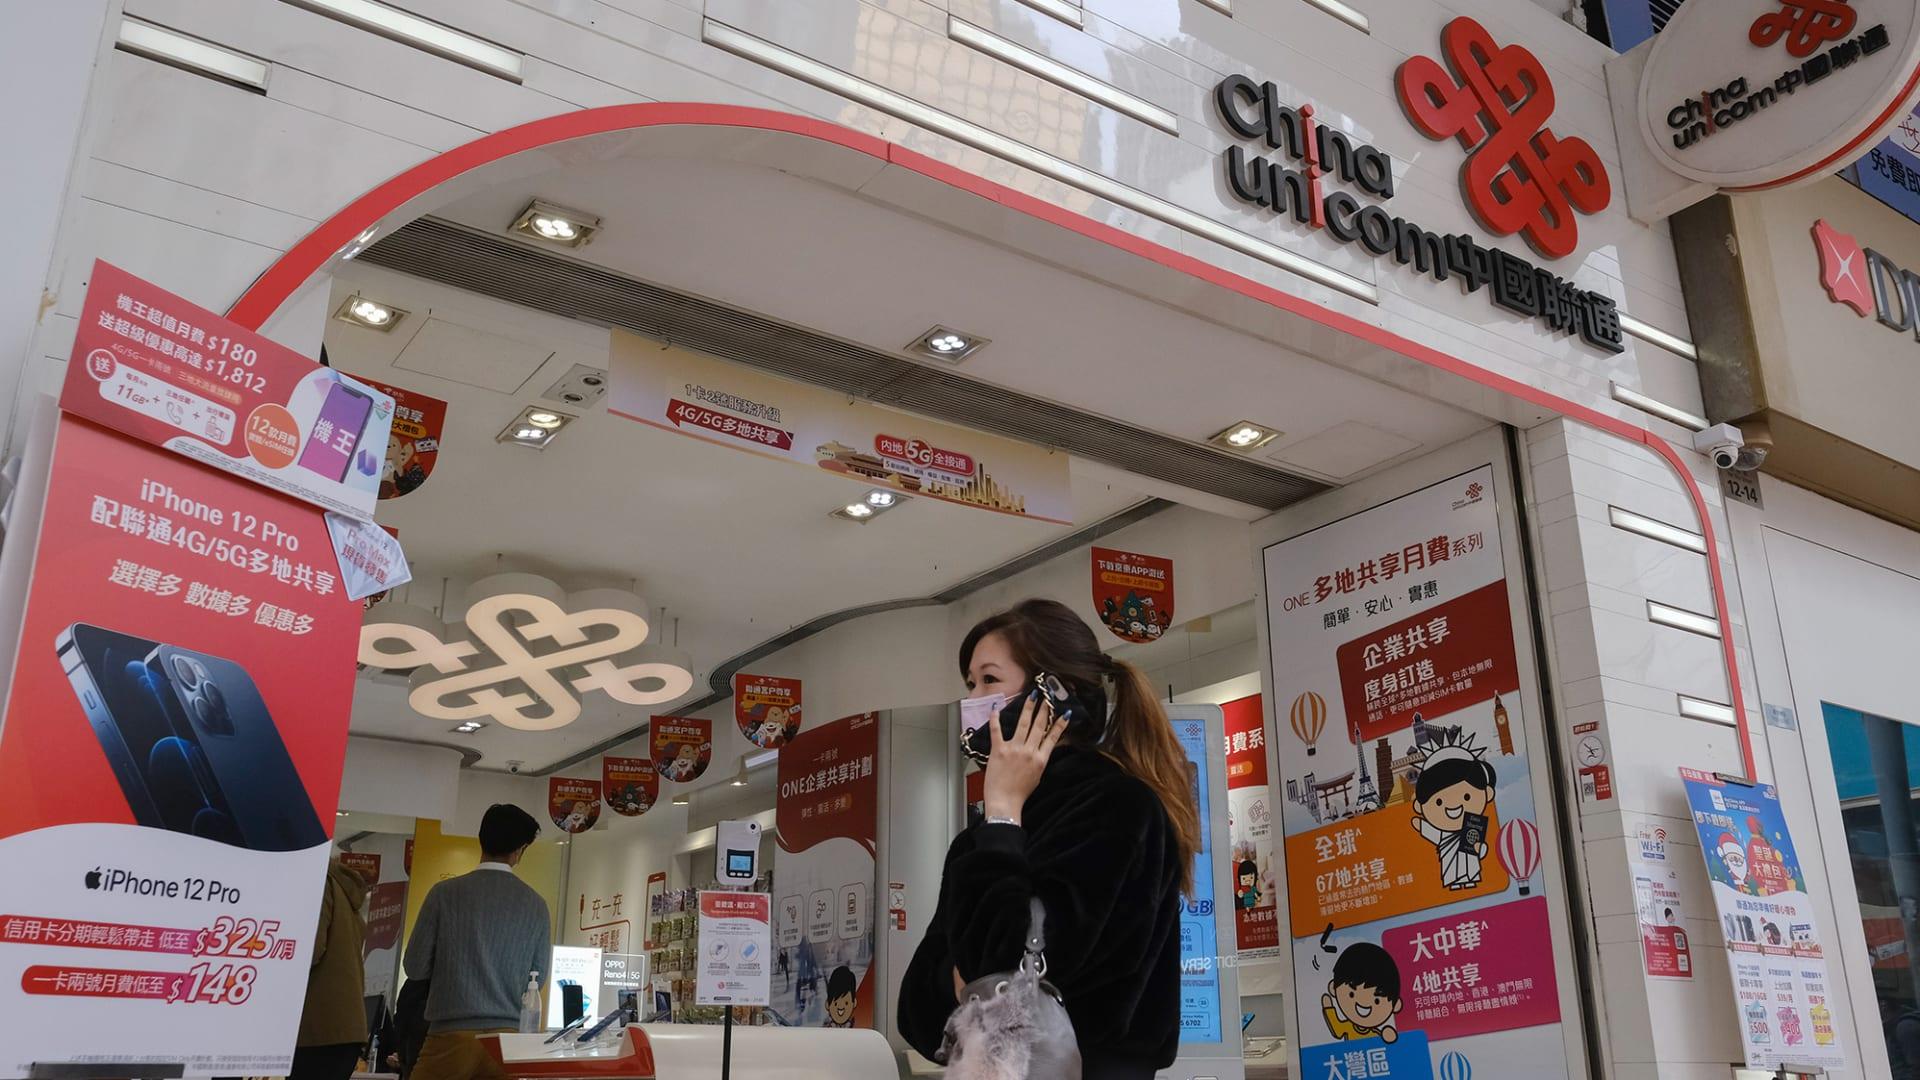 بورصة نيويورك تشطب أسهم 3 شركات اتصالات صينية